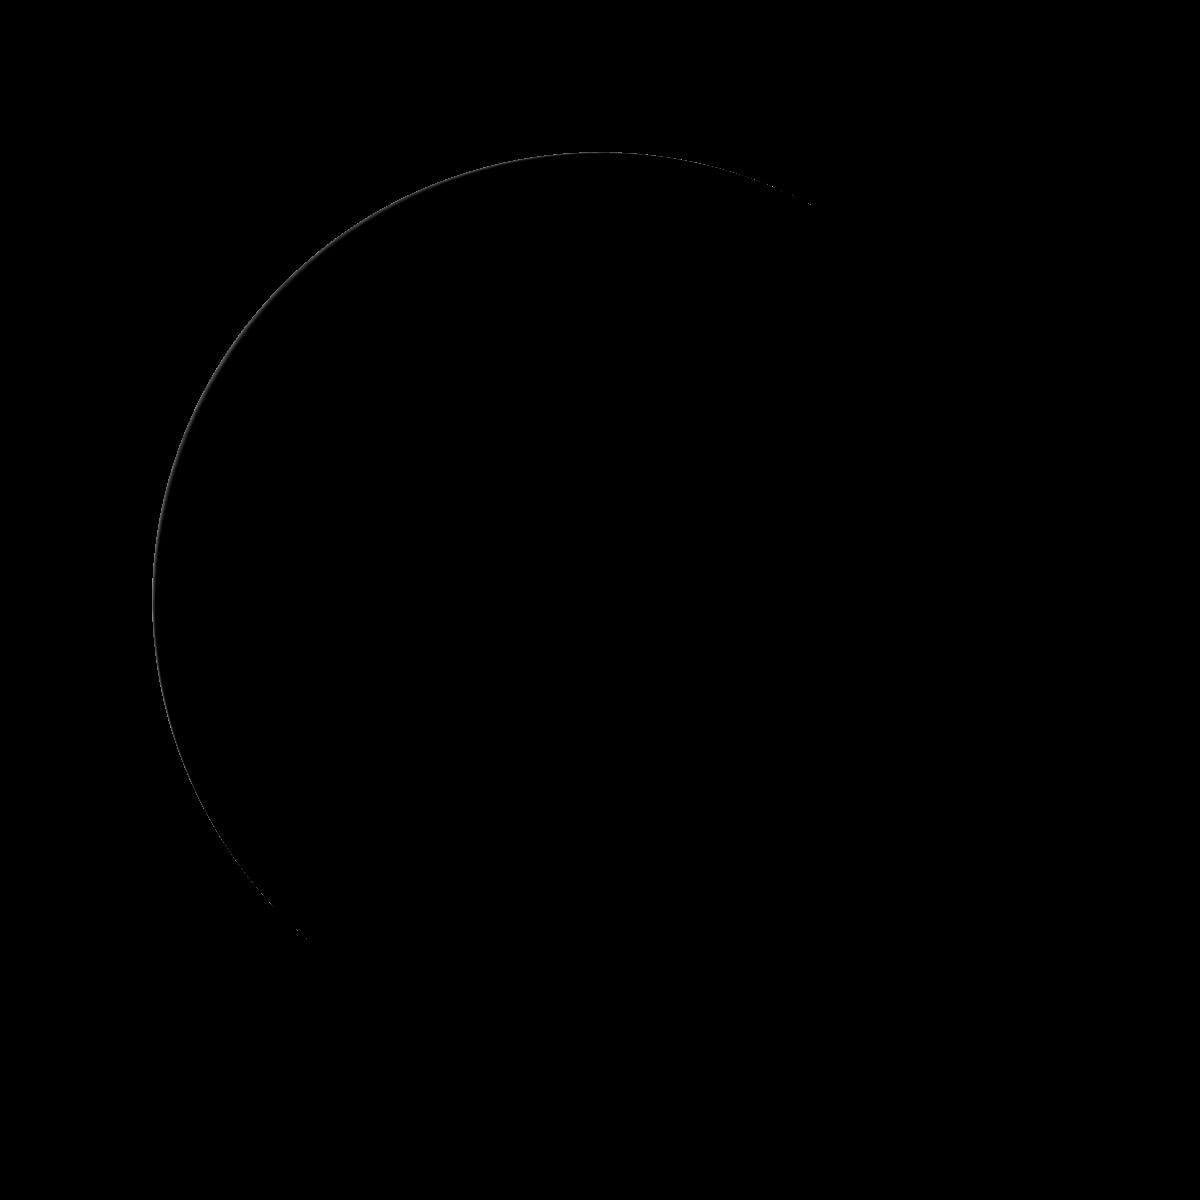 Lune du 22 mai 2020